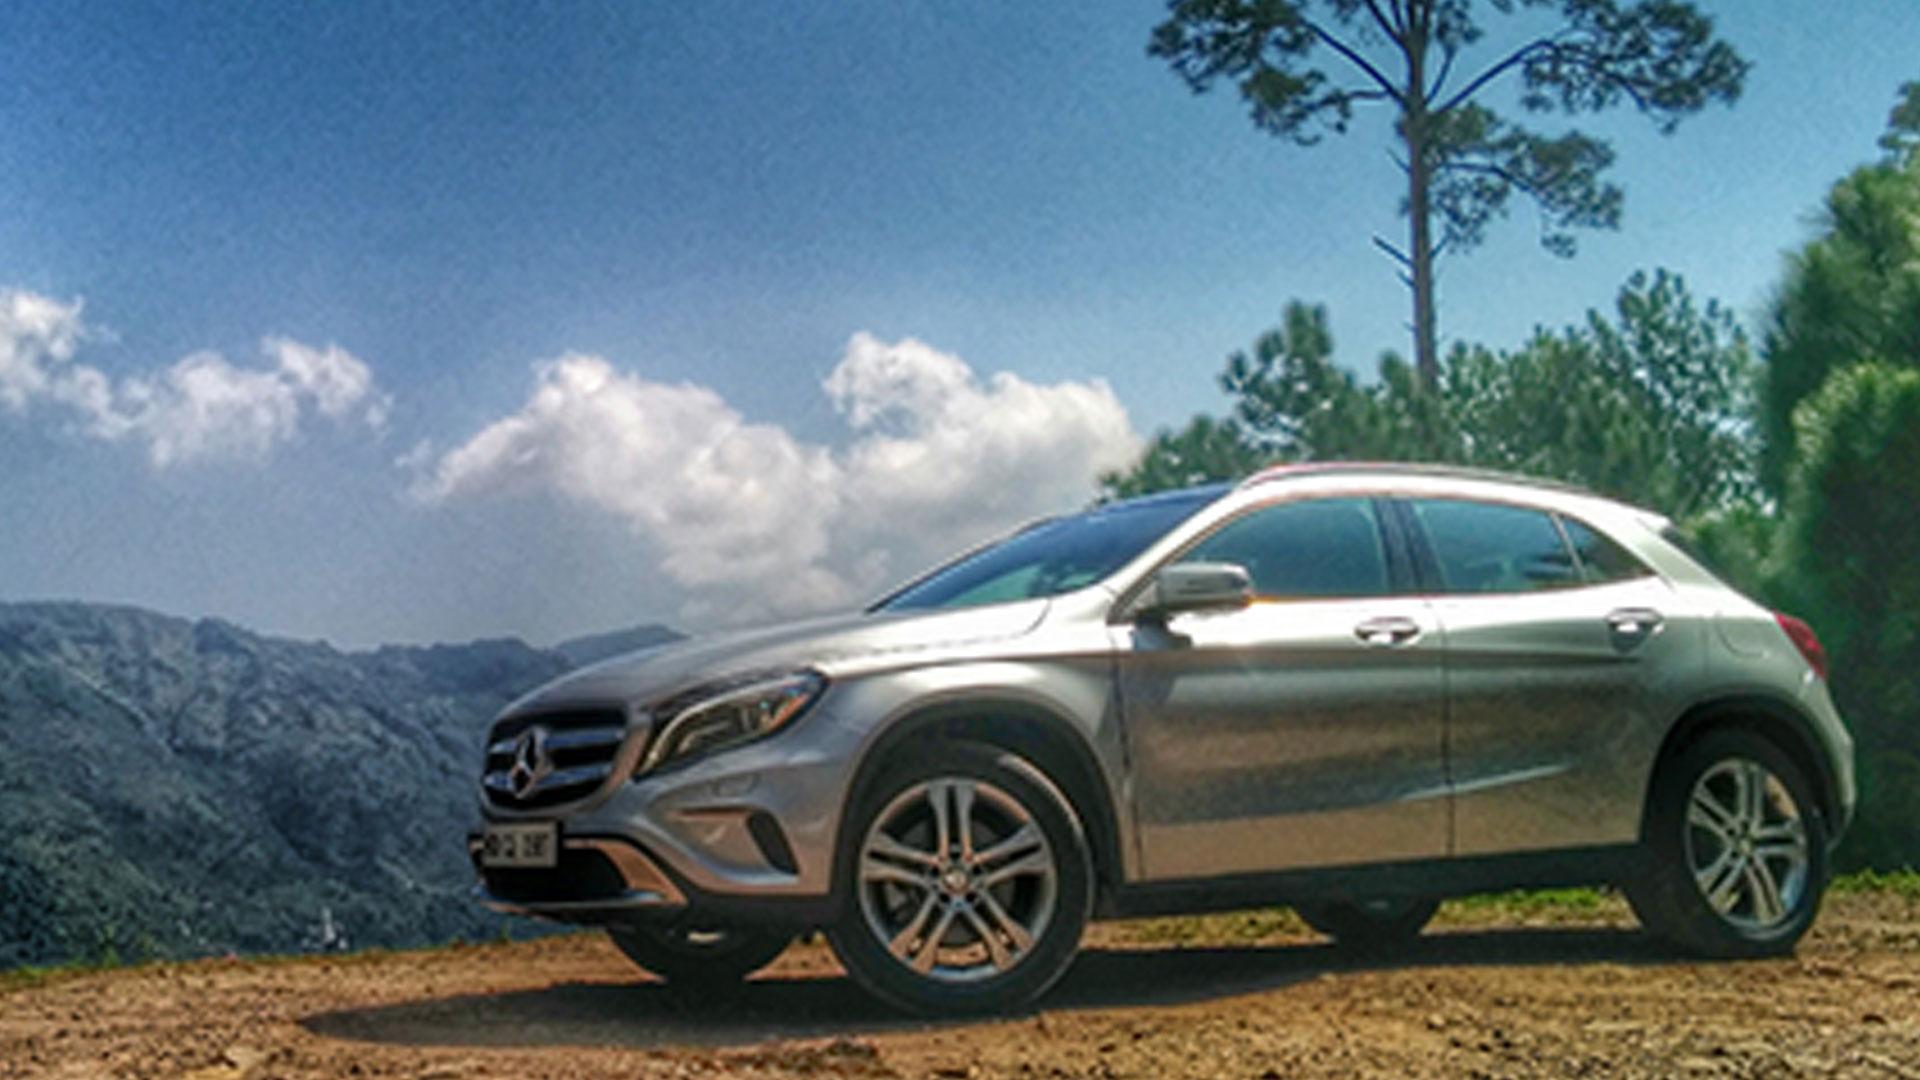 Mercedes-Benz GLA 2014 200 Petrol